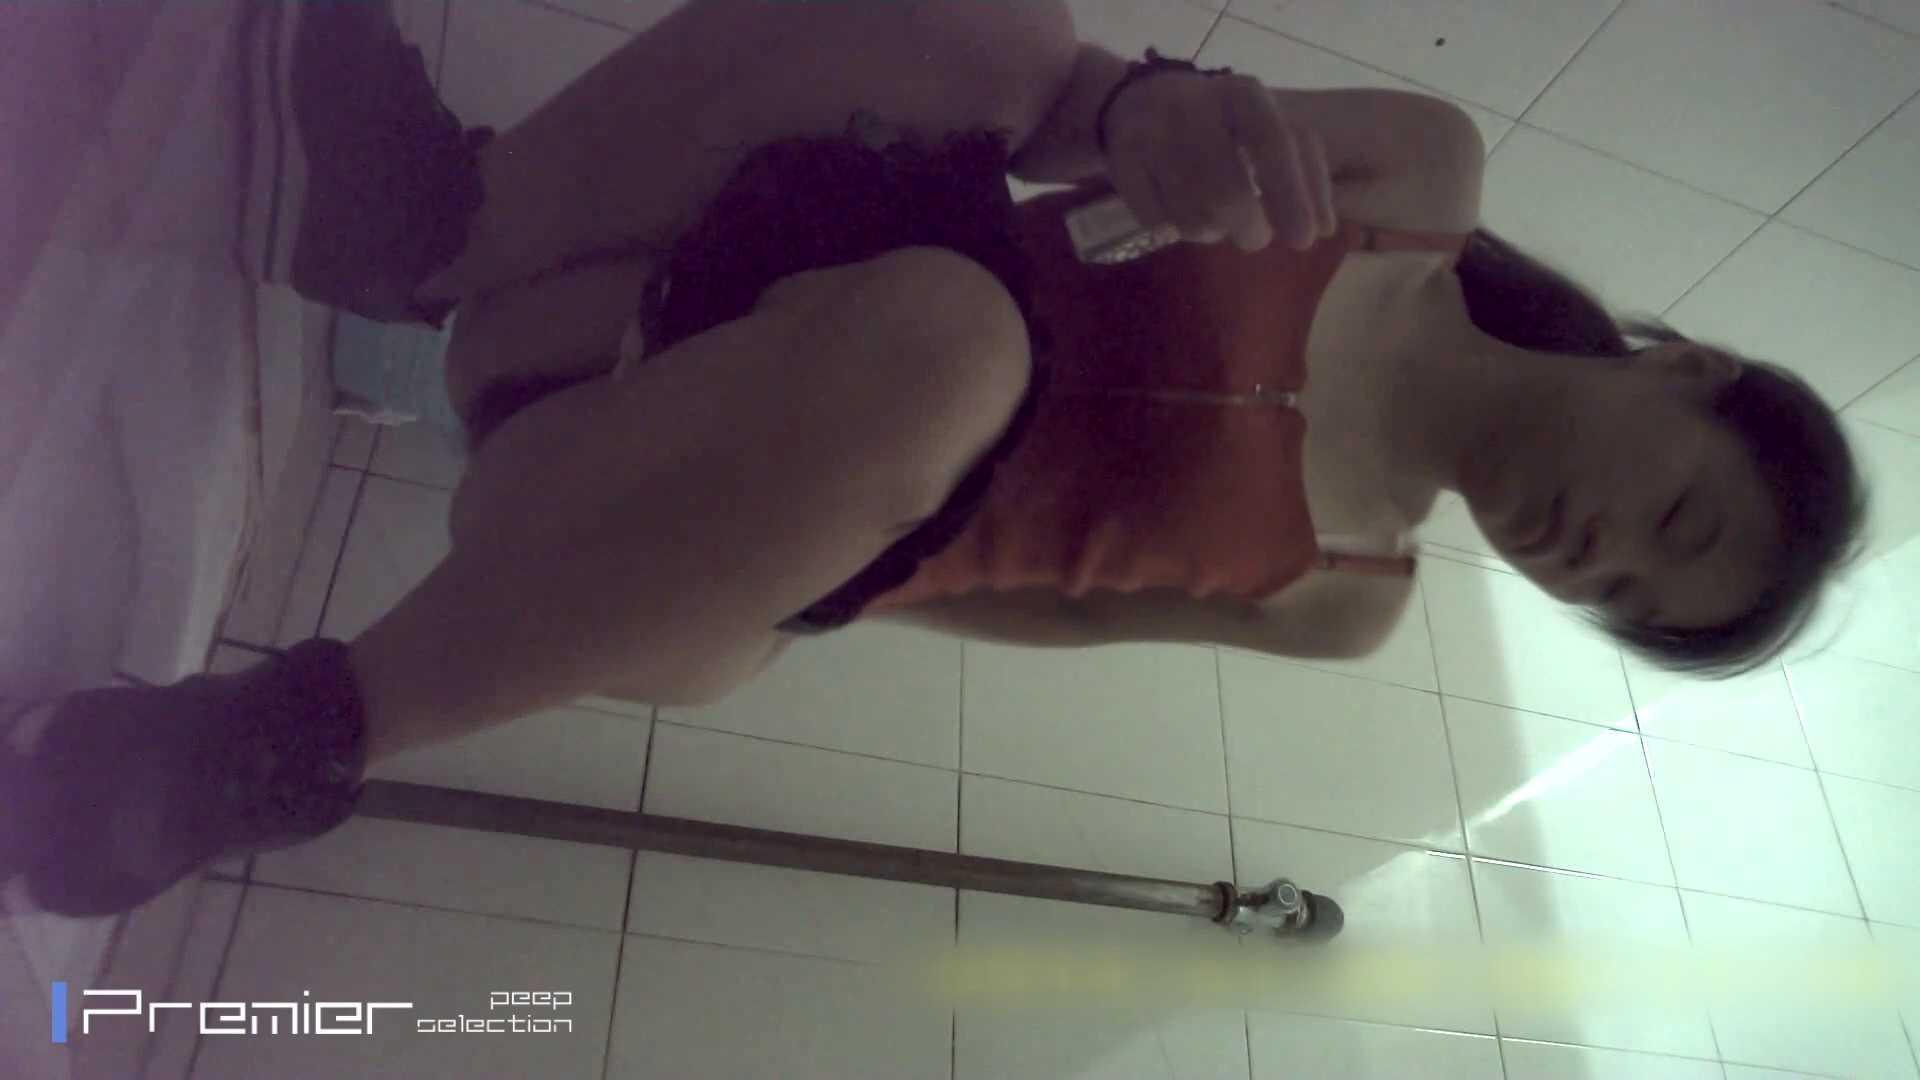 トイレシーンを密着盗撮!! 美女の痴態に密着!Vol.29 OLのボディ オマンコ動画キャプチャ 69PIX 11